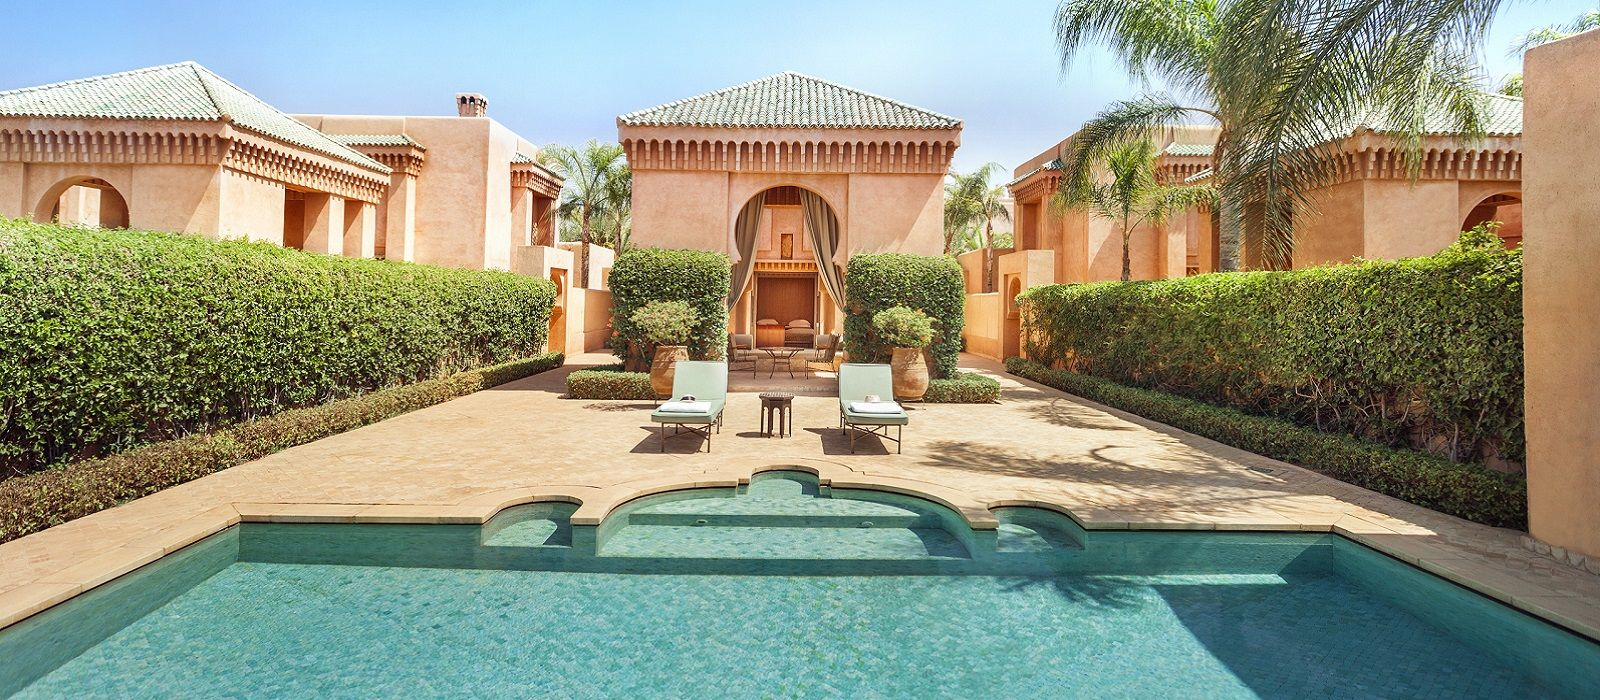 Hotel Amanjena Marokko